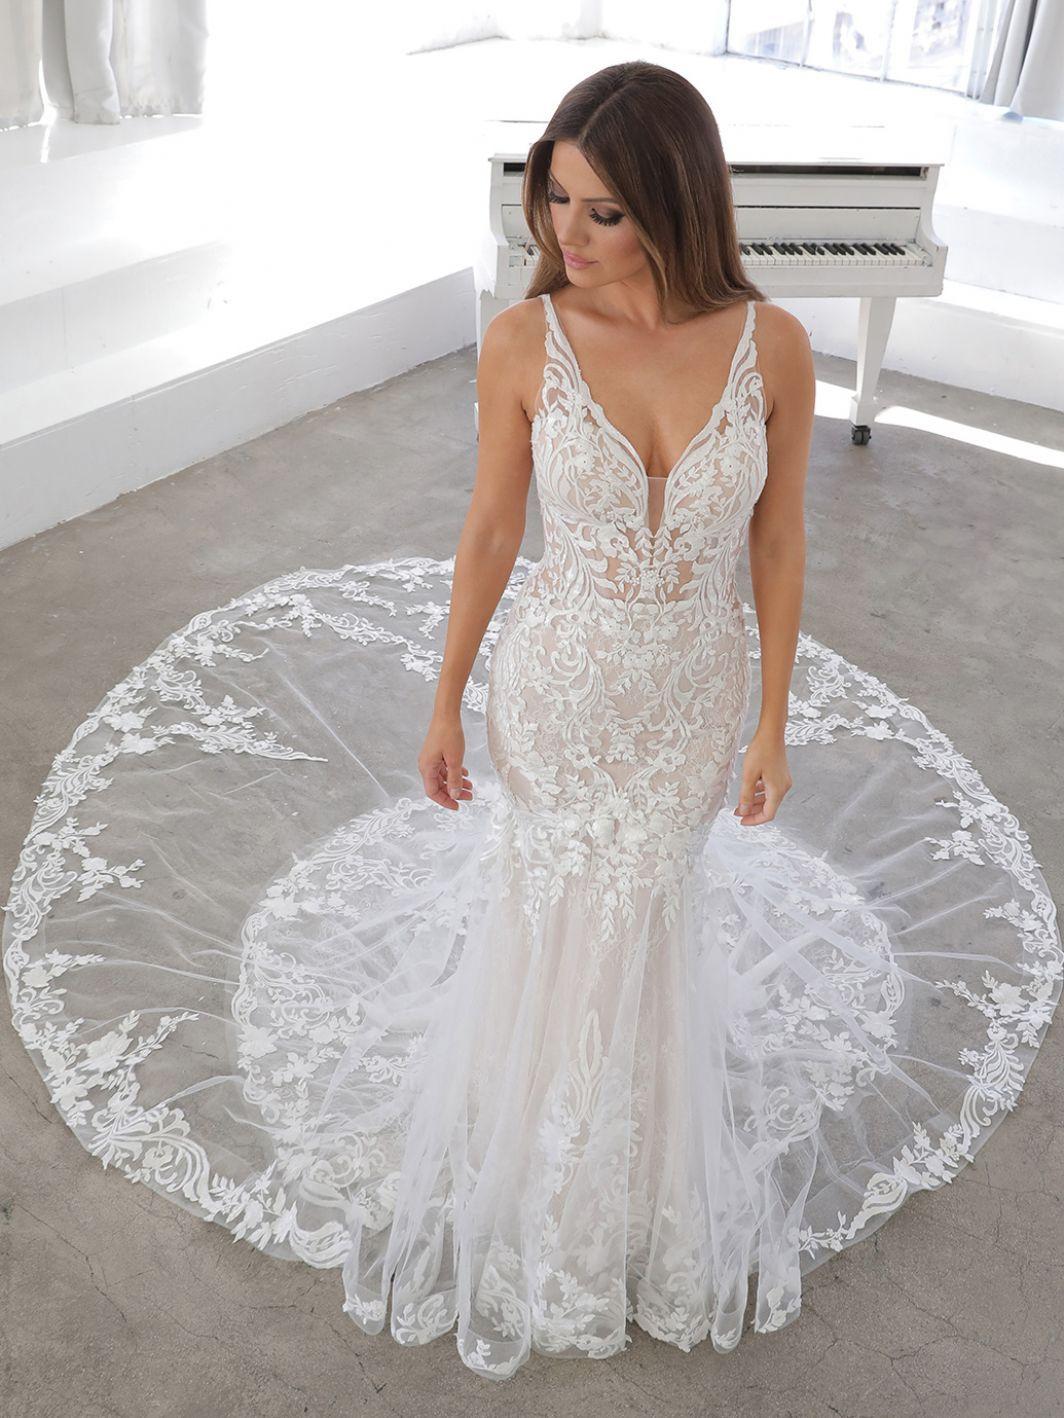 Nasima 2021 Blue By Enzoani Enzoani Enzoani Wedding Dresses Wedding Dresses Wedding Dresses Mermaid Sweetheart [ 1418 x 1064 Pixel ]